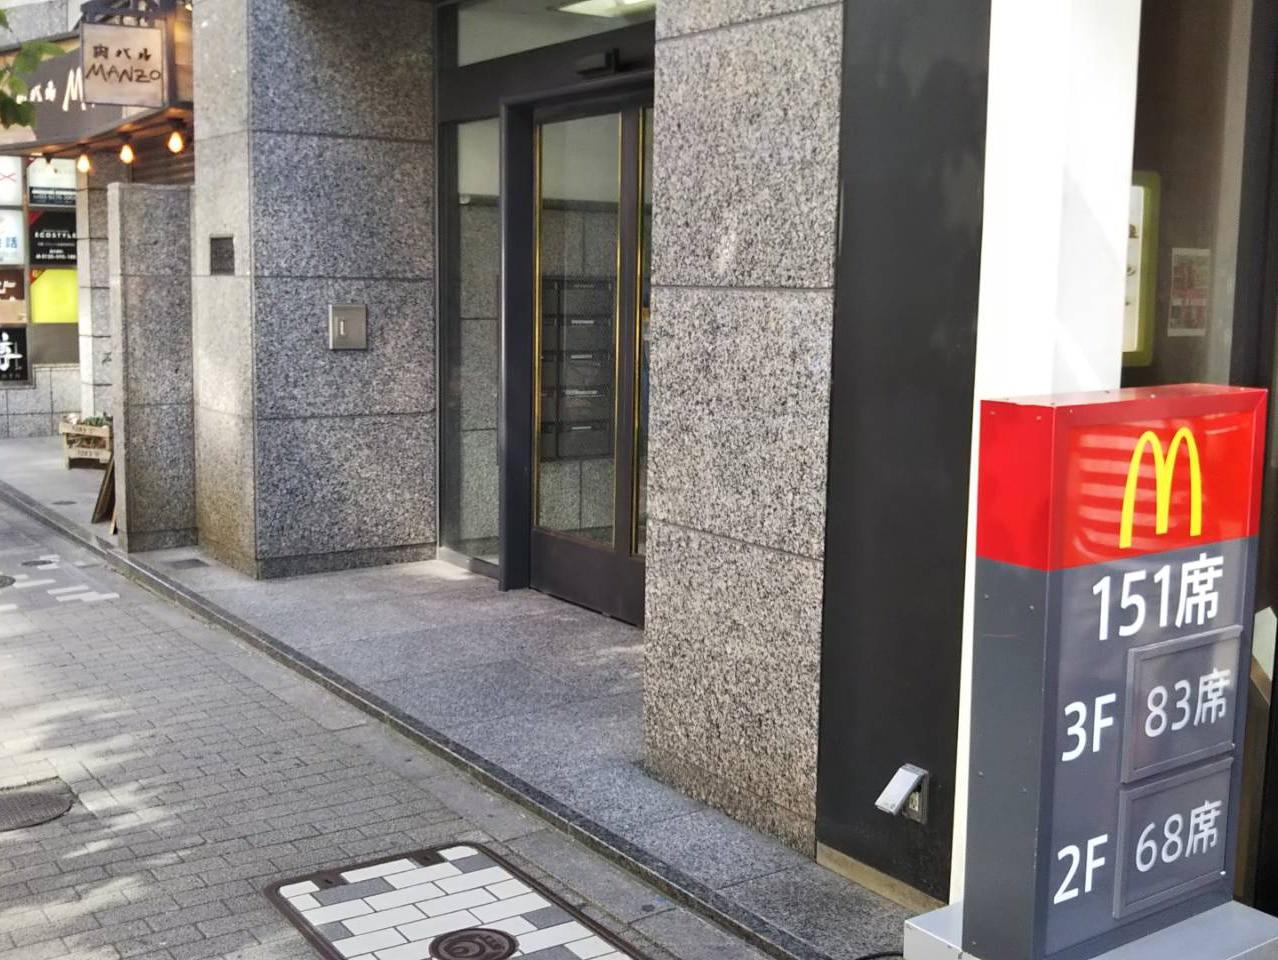 8.マクドナルドの1つ奥にビルの入り口があります。